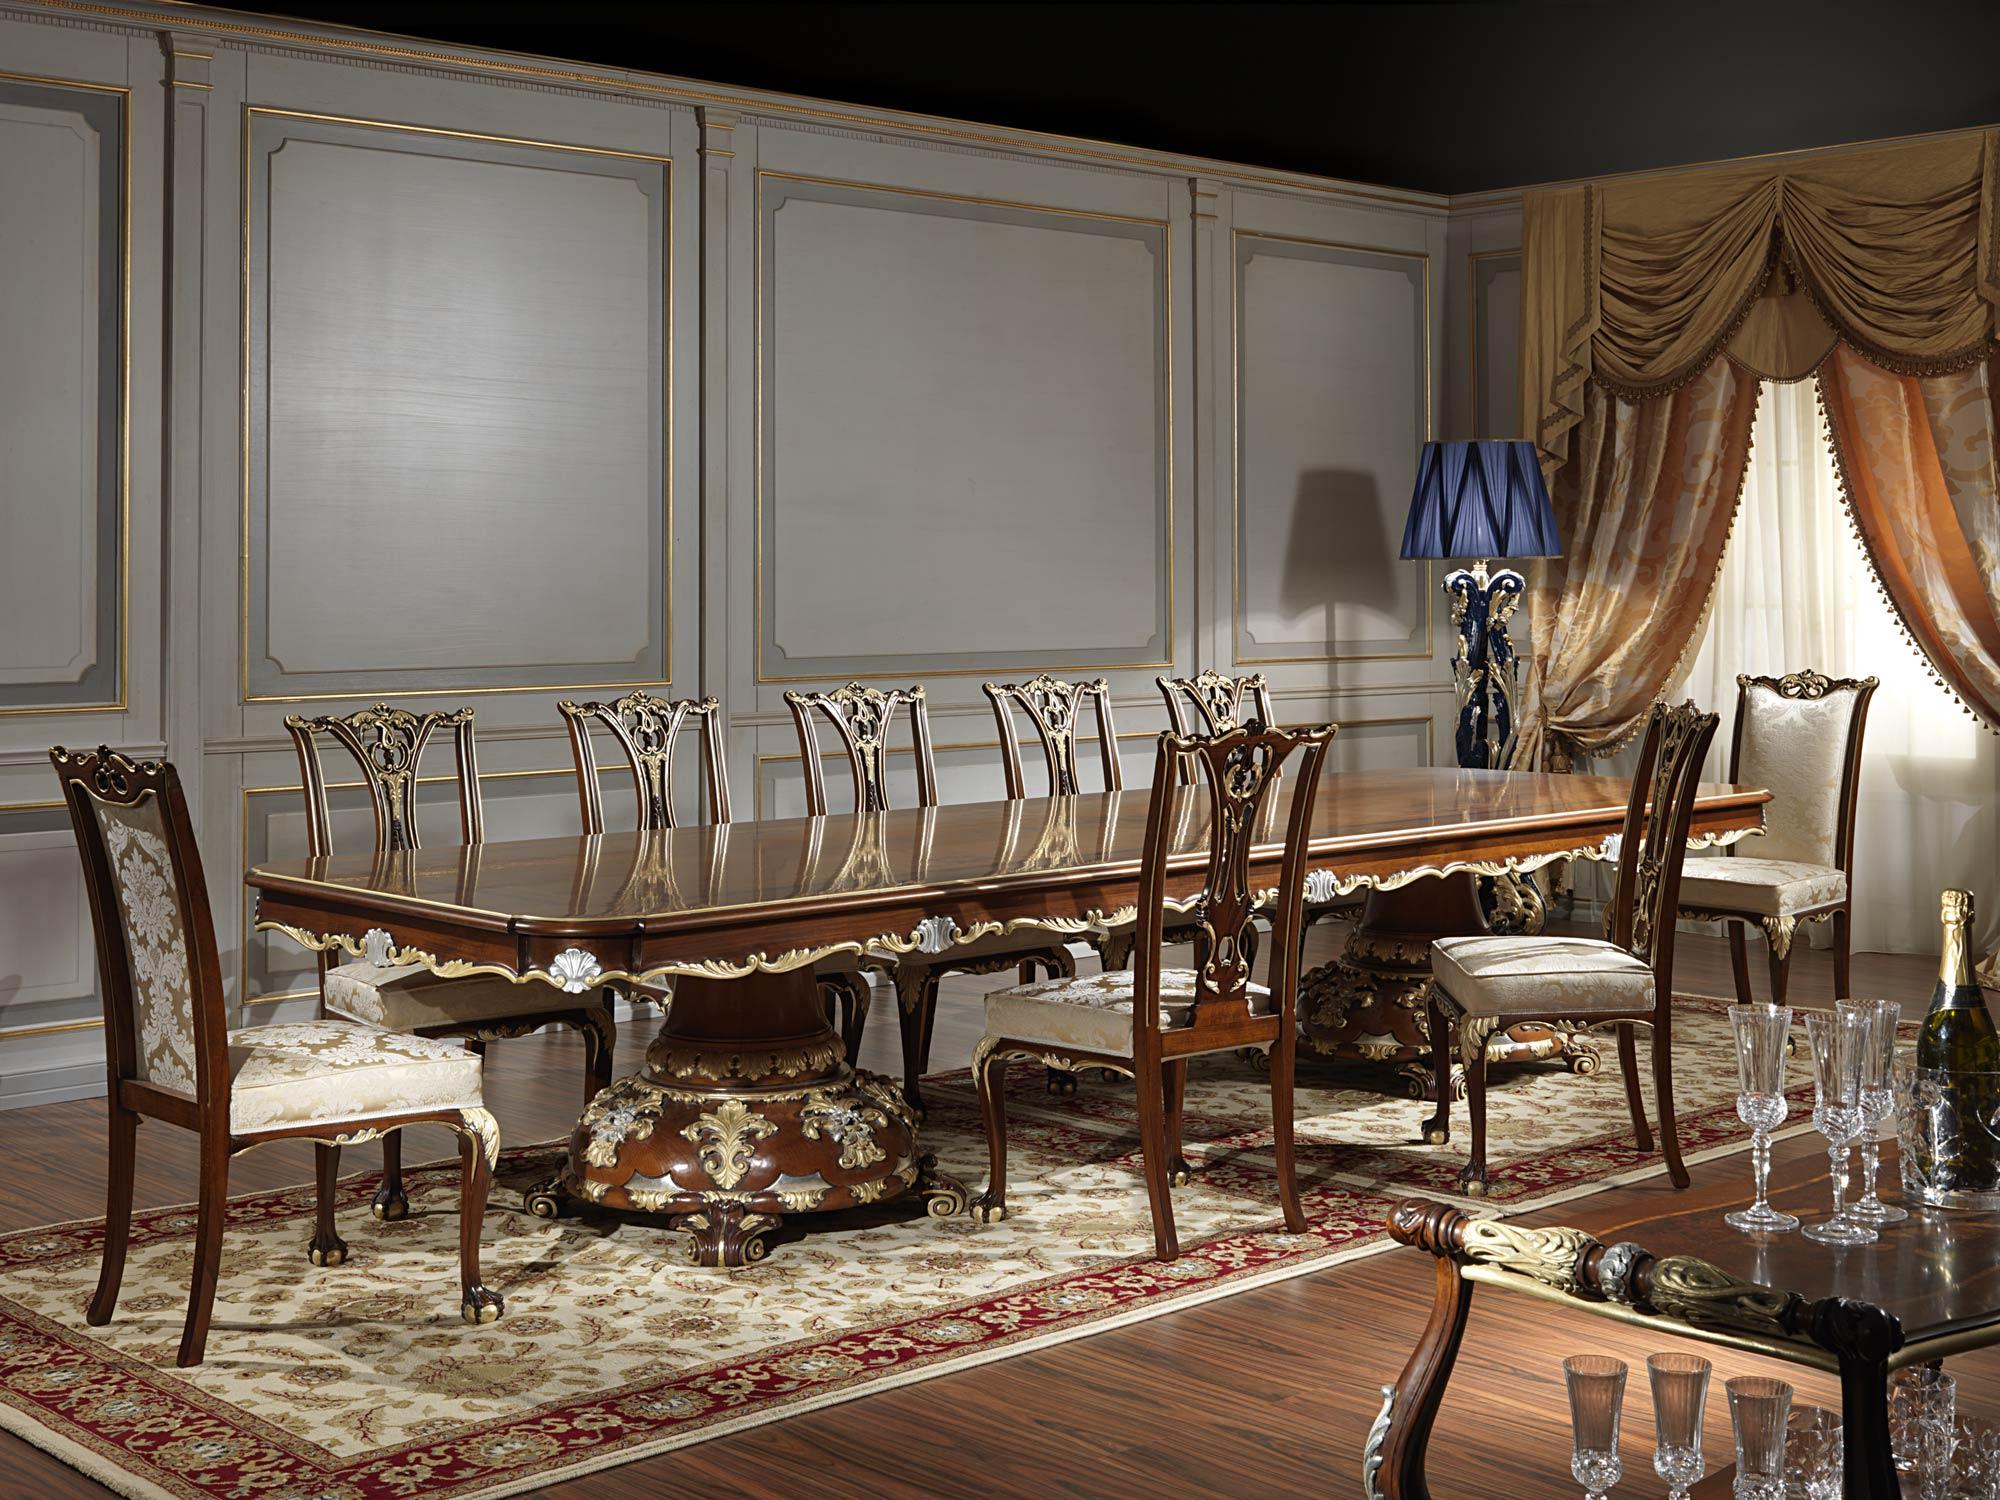 Sala da pranzo in stile classico Luigi XV | Vimercati Meda